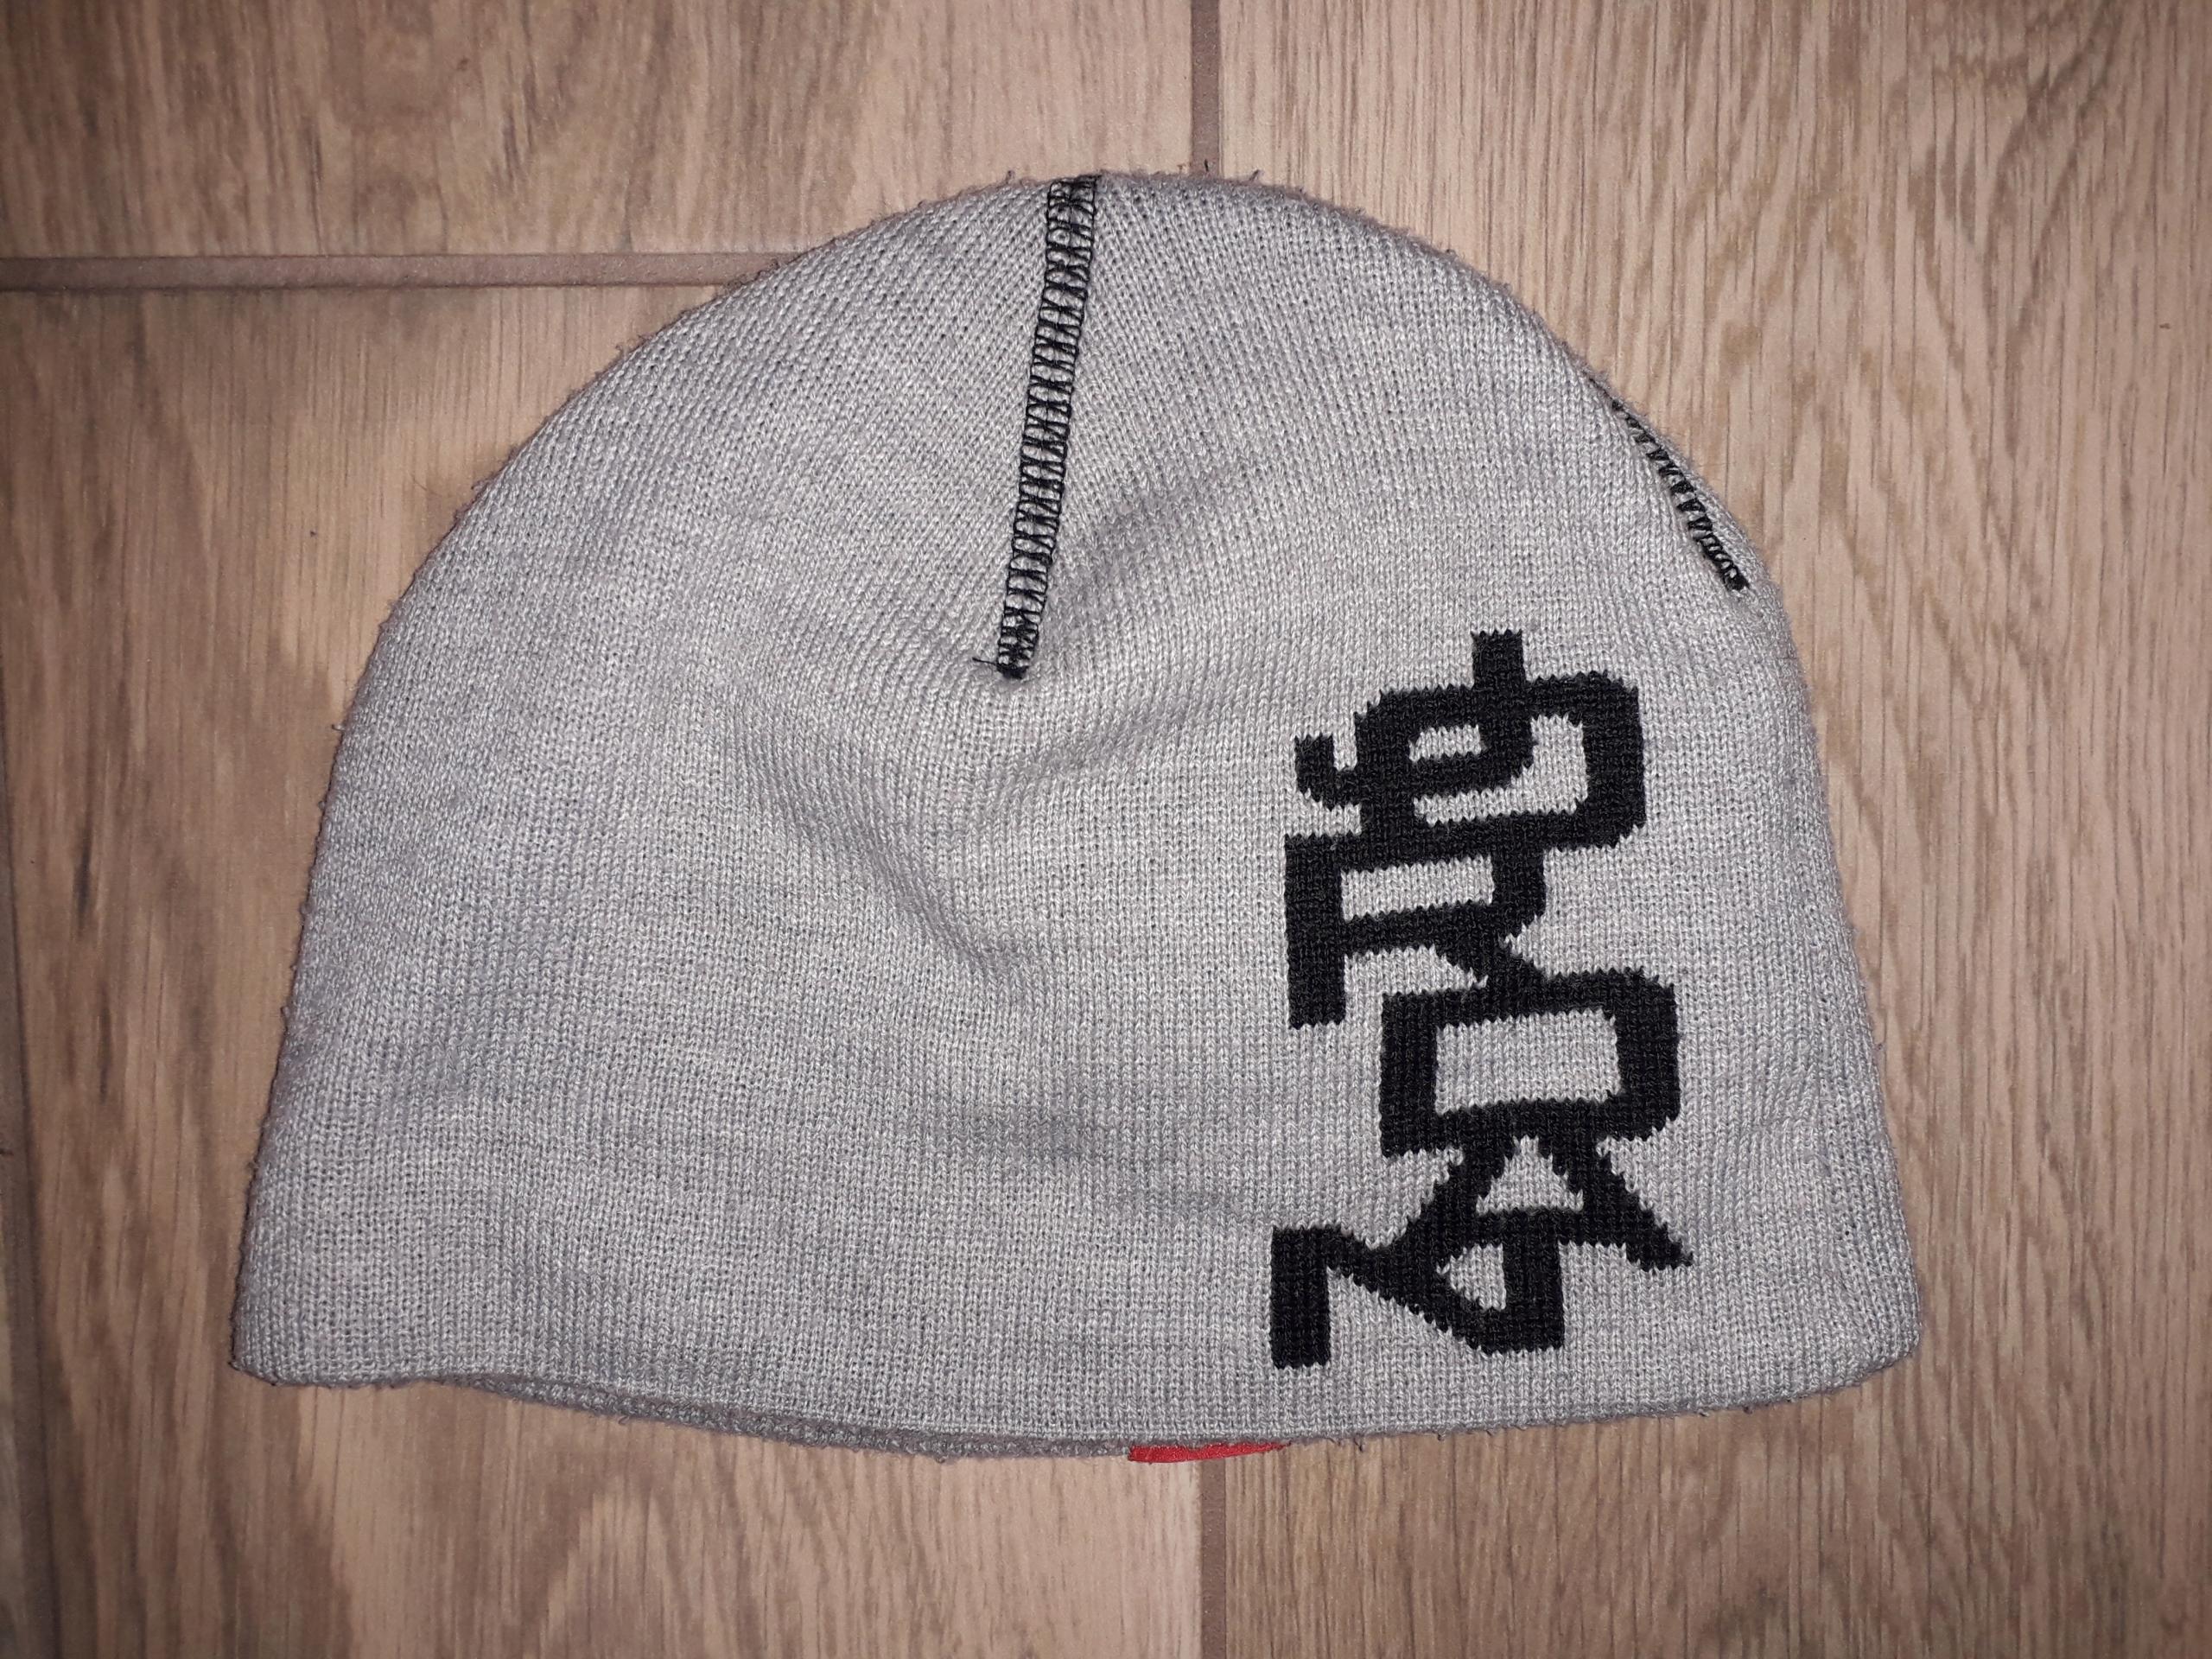 50a308387 JORDAN NIKE czapka zimowa - 7708547164 - oficjalne archiwum allegro